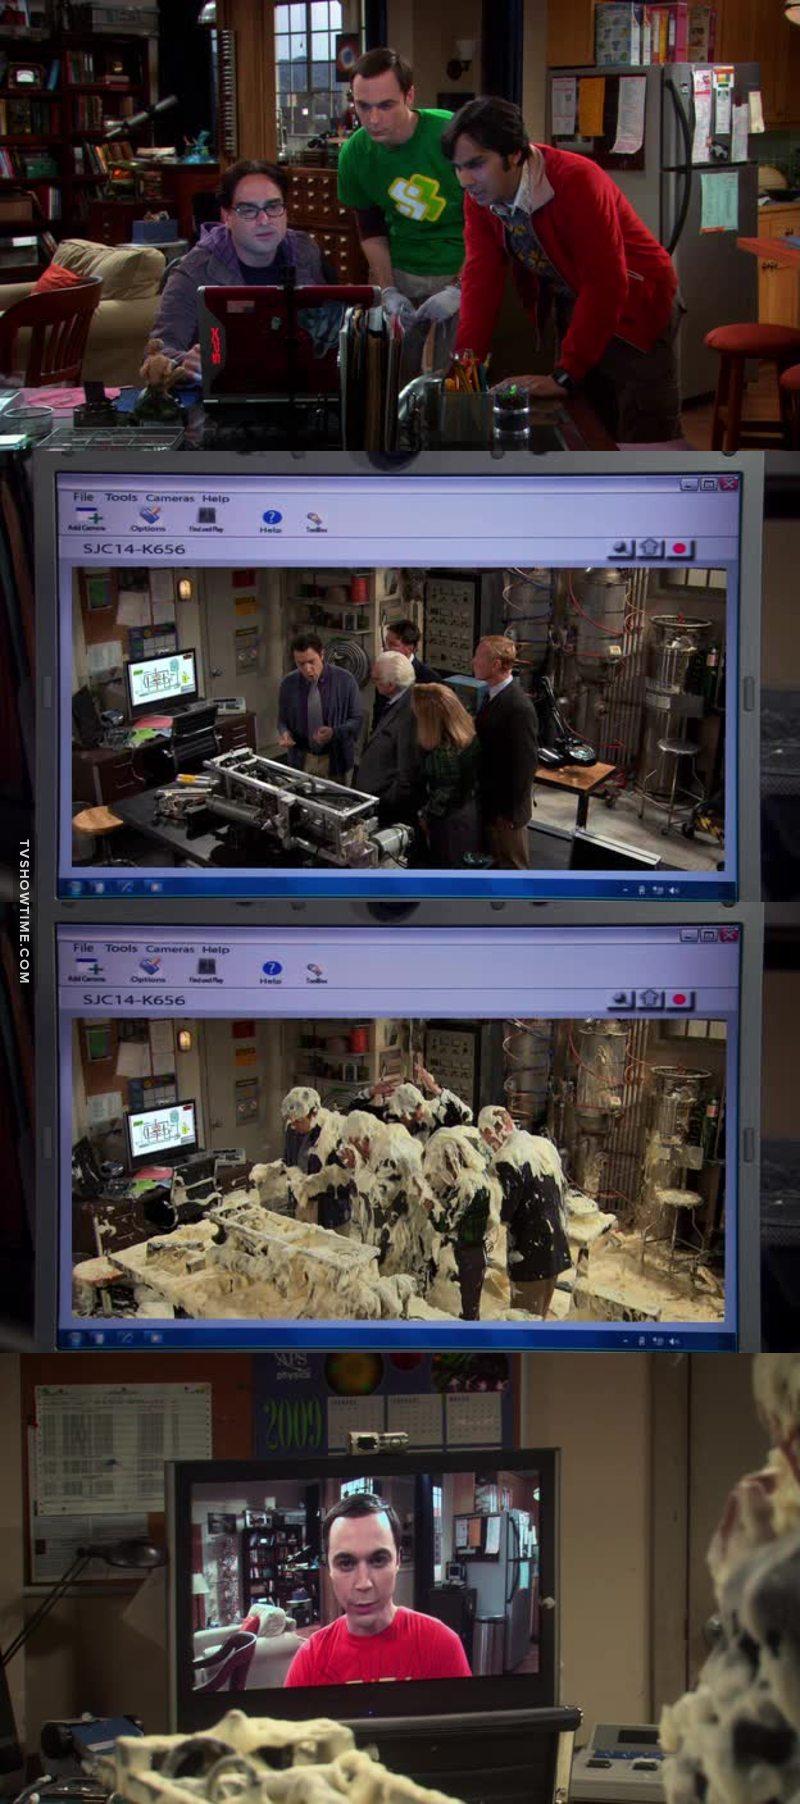 Sheldon's revenge 😂😂😂